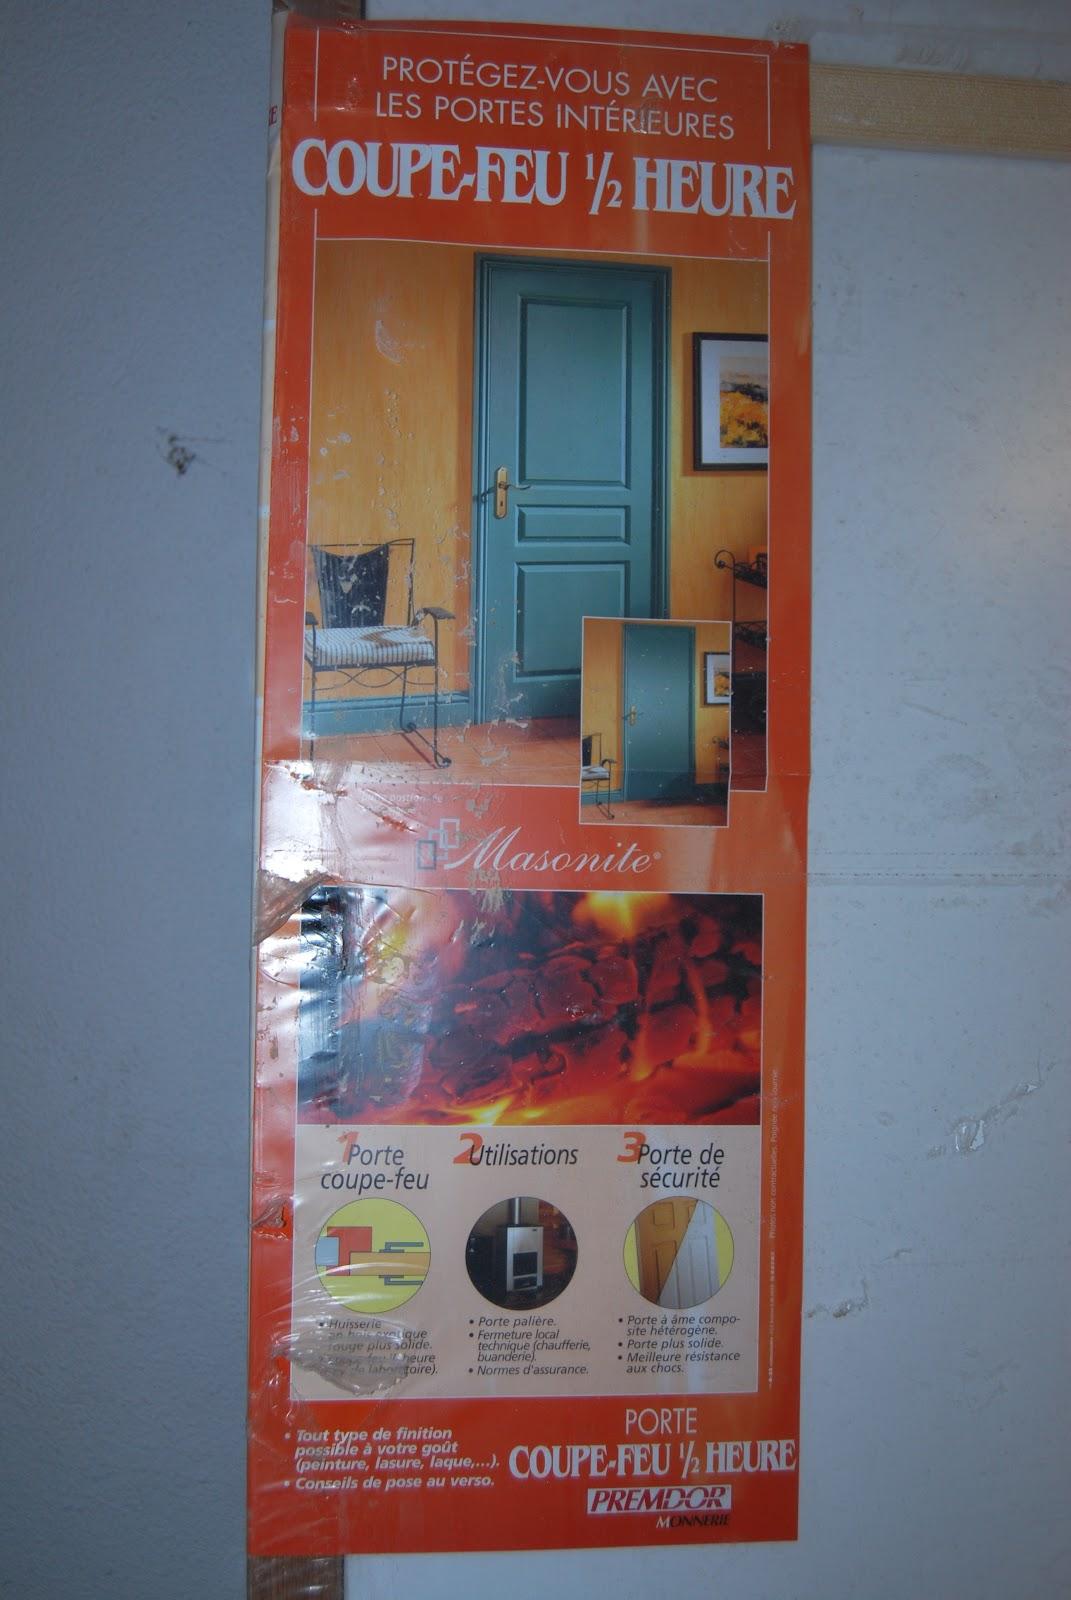 ma chaudi re granul s okofen tape par tape changement pour une chaudi re pellet de bois. Black Bedroom Furniture Sets. Home Design Ideas